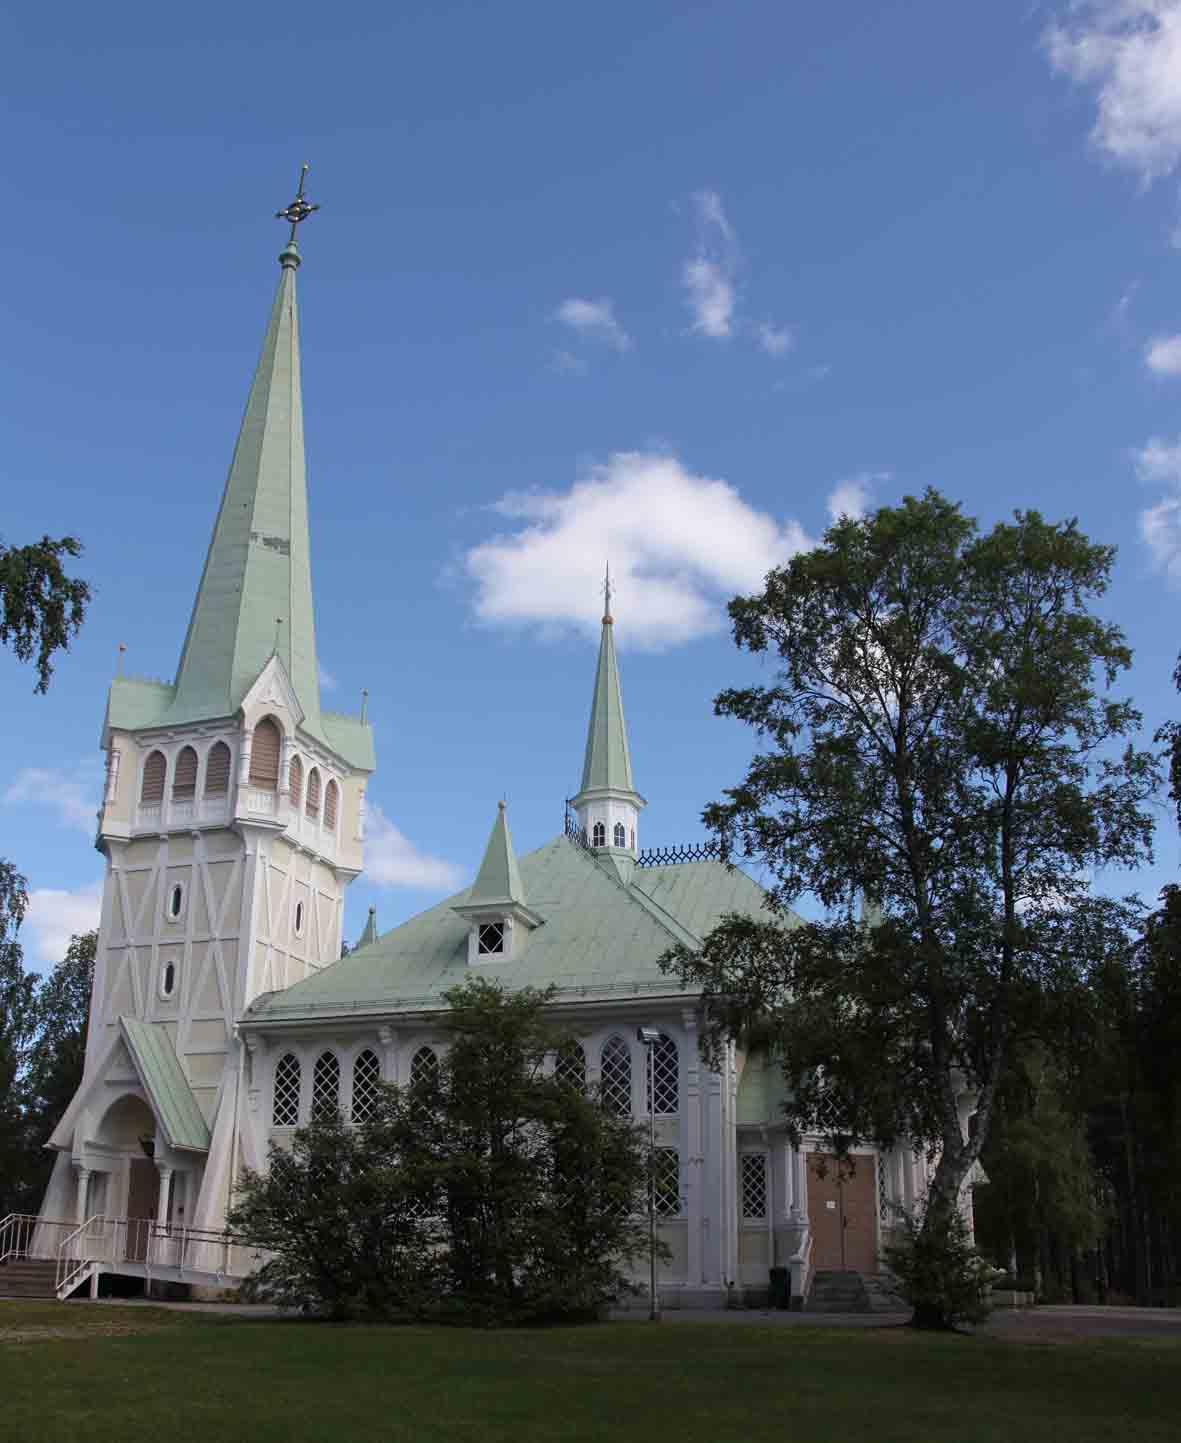 The church in Jokkmokk